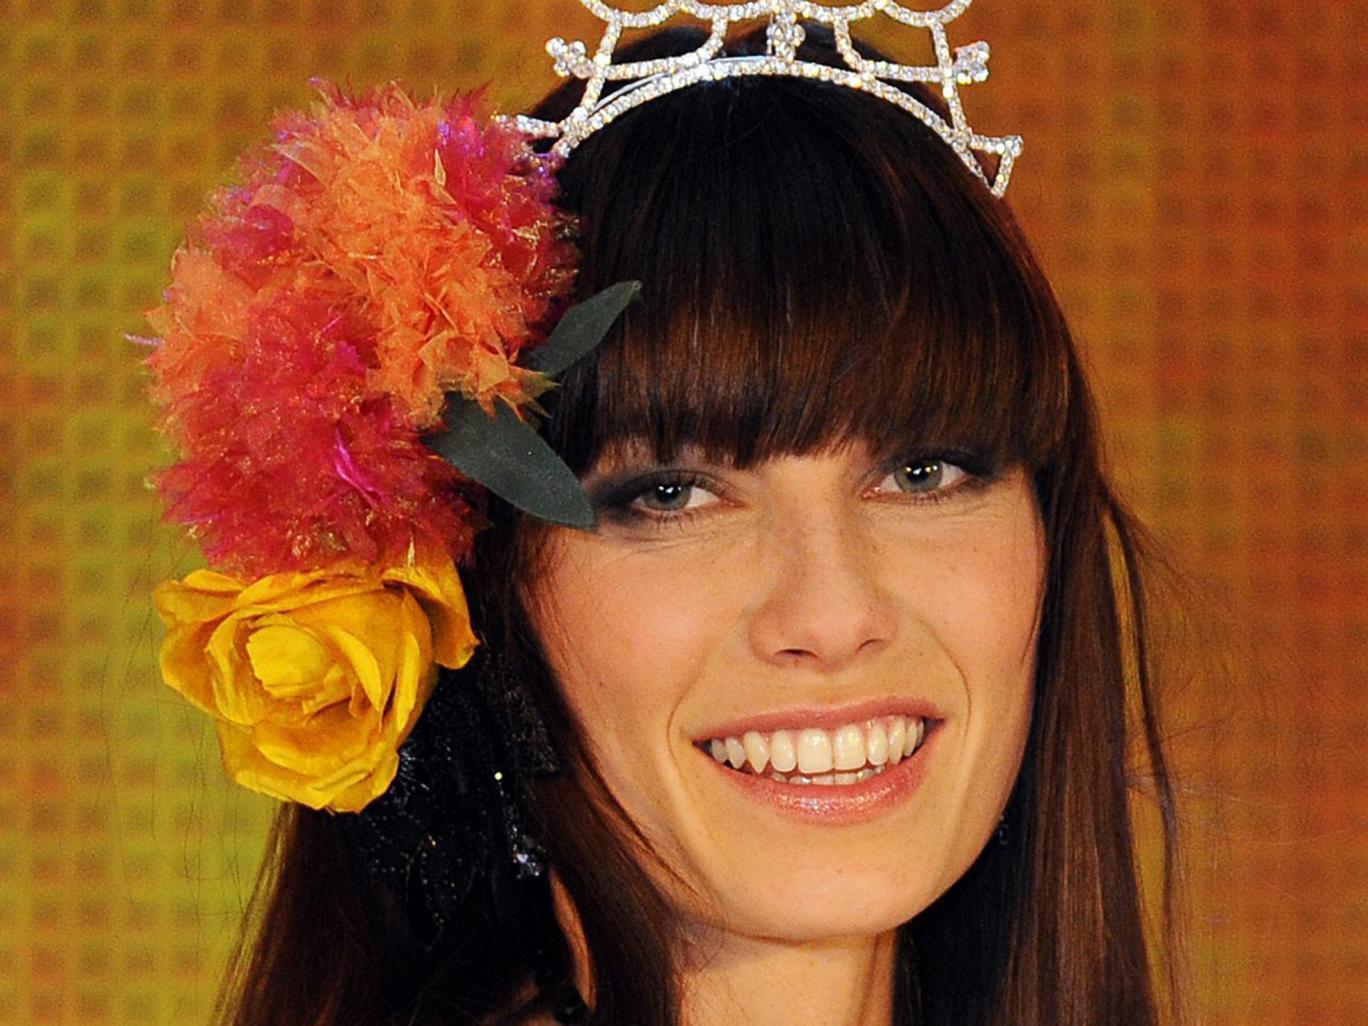 La joven Enam cuando fue coronada como Miss Austria en 2013